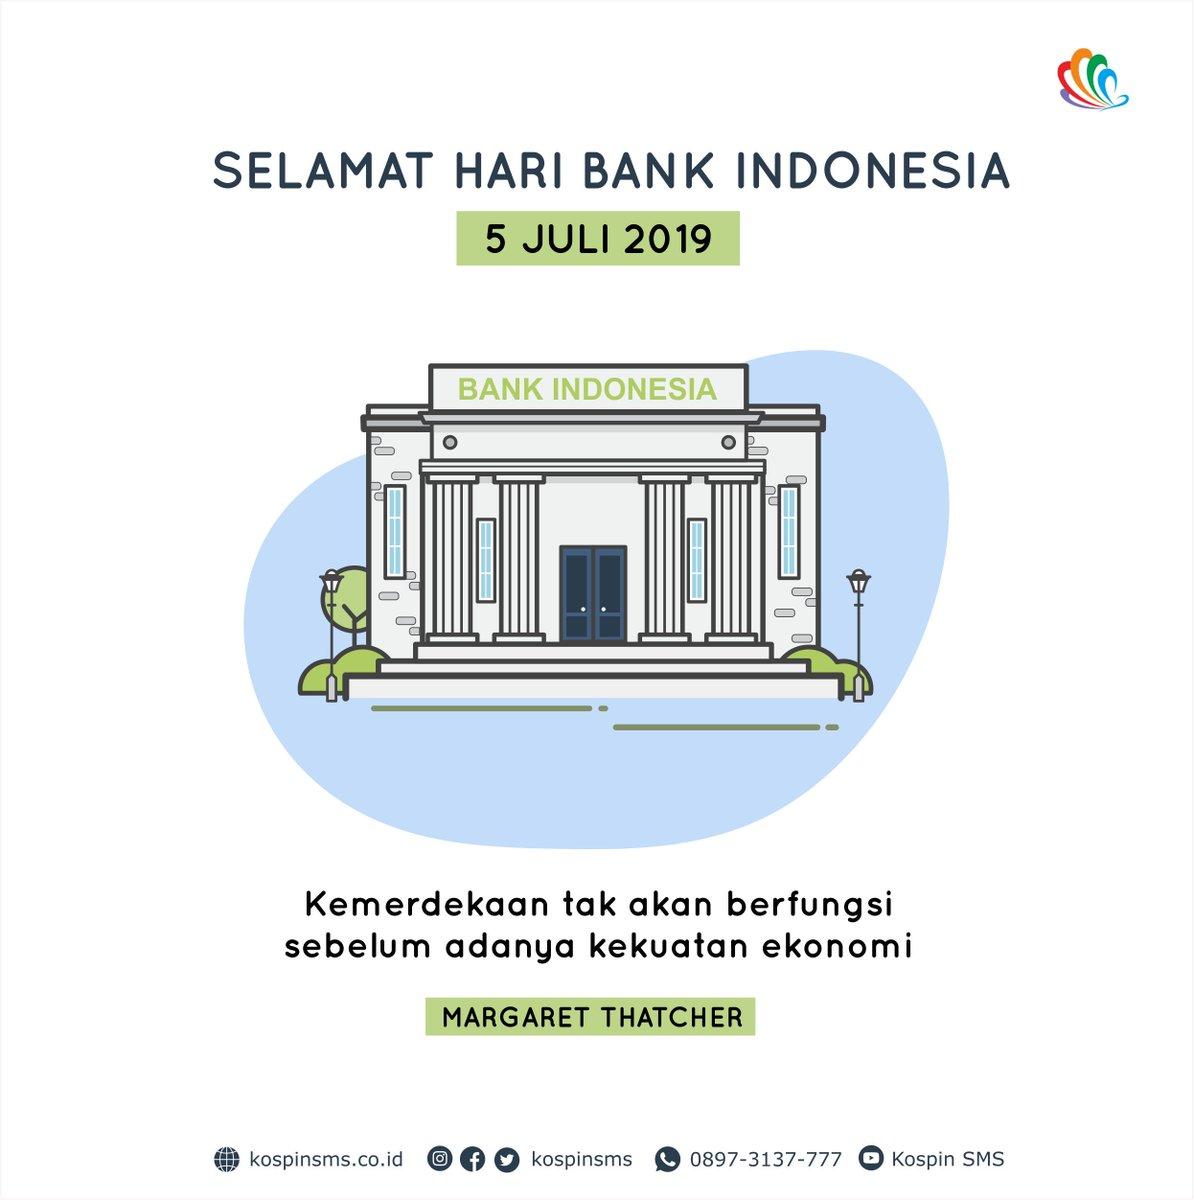 Melalui tiga pilar fungsi Bank Indonesia, yakni Moneter, Perbankan dan Sistem Pembayaran, semoga ekonomi bangsa indonesia makin kuat dan mandiri! - #HariBankIndonesia #kospinSMS #ayokeSMS #koperasijabar #koperasicirebon #belajarbisnis #istilahbisnis #mitraSMS https://t.co/XYpVdRdnhJ